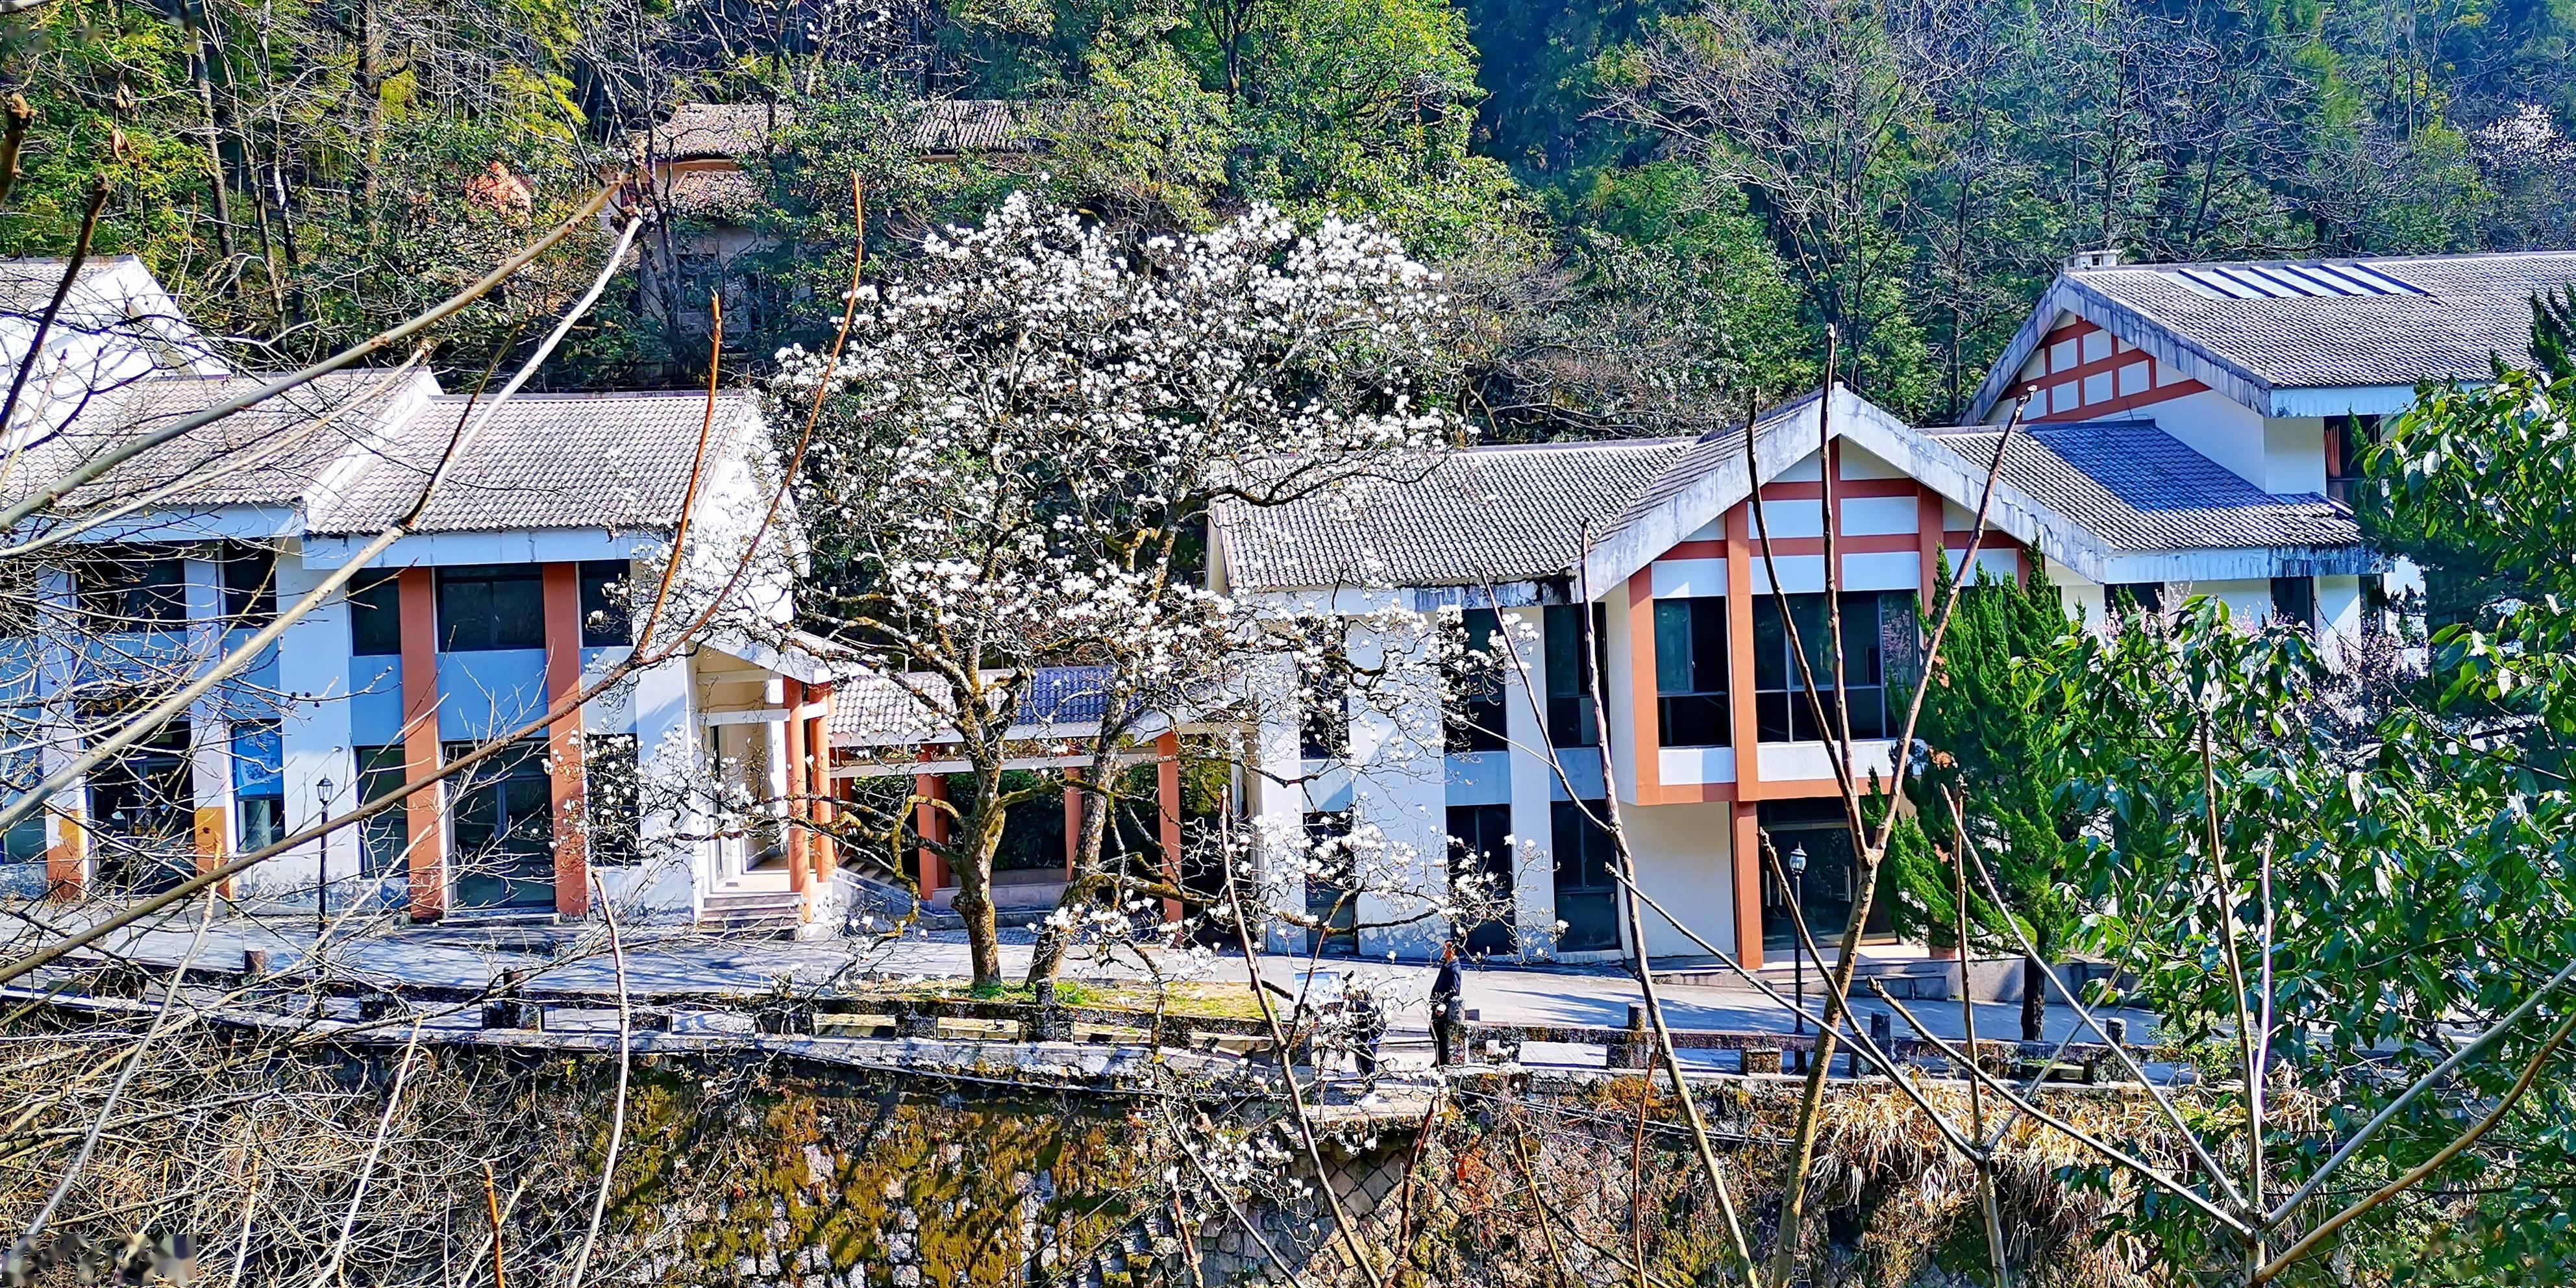 黄山风景区:望春花开枝头,春意满山满谷